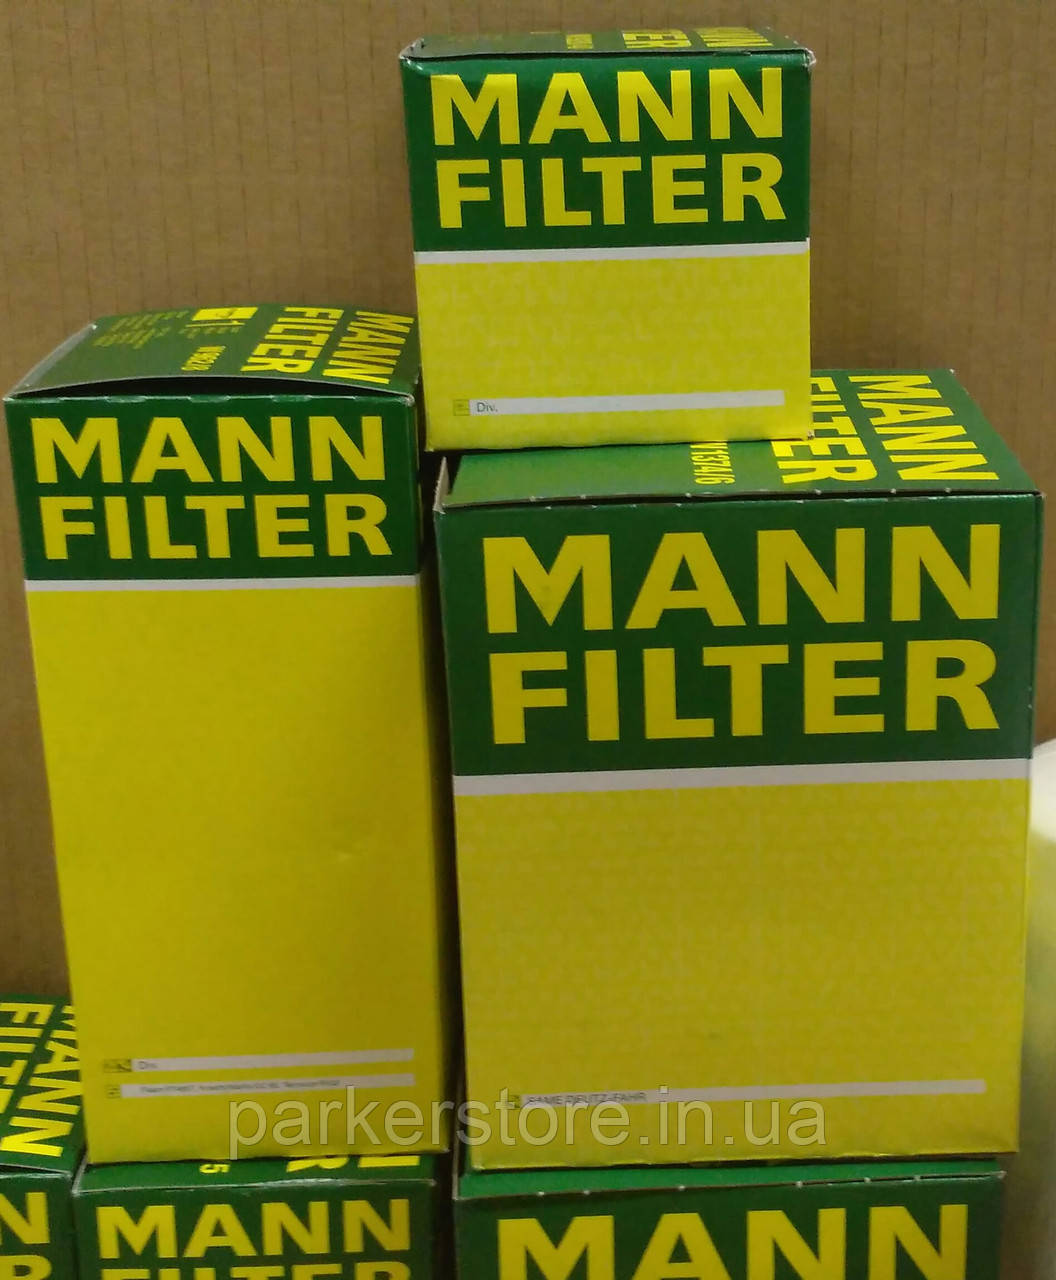 MANN FILTER / Воздушный фильтр / C 26 175 / C26175